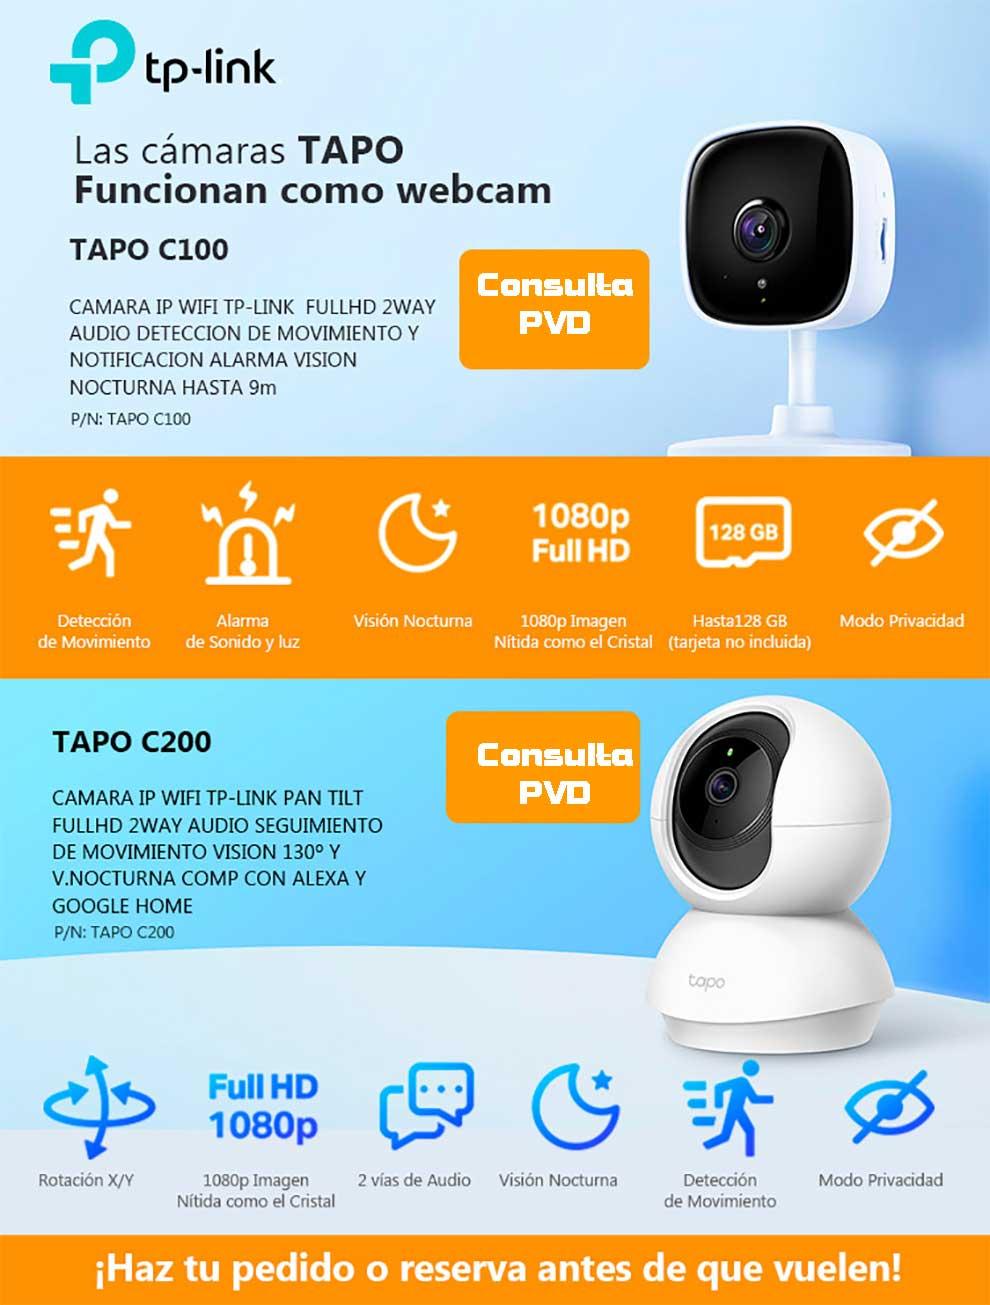 tp link TAPO tambien como webcam